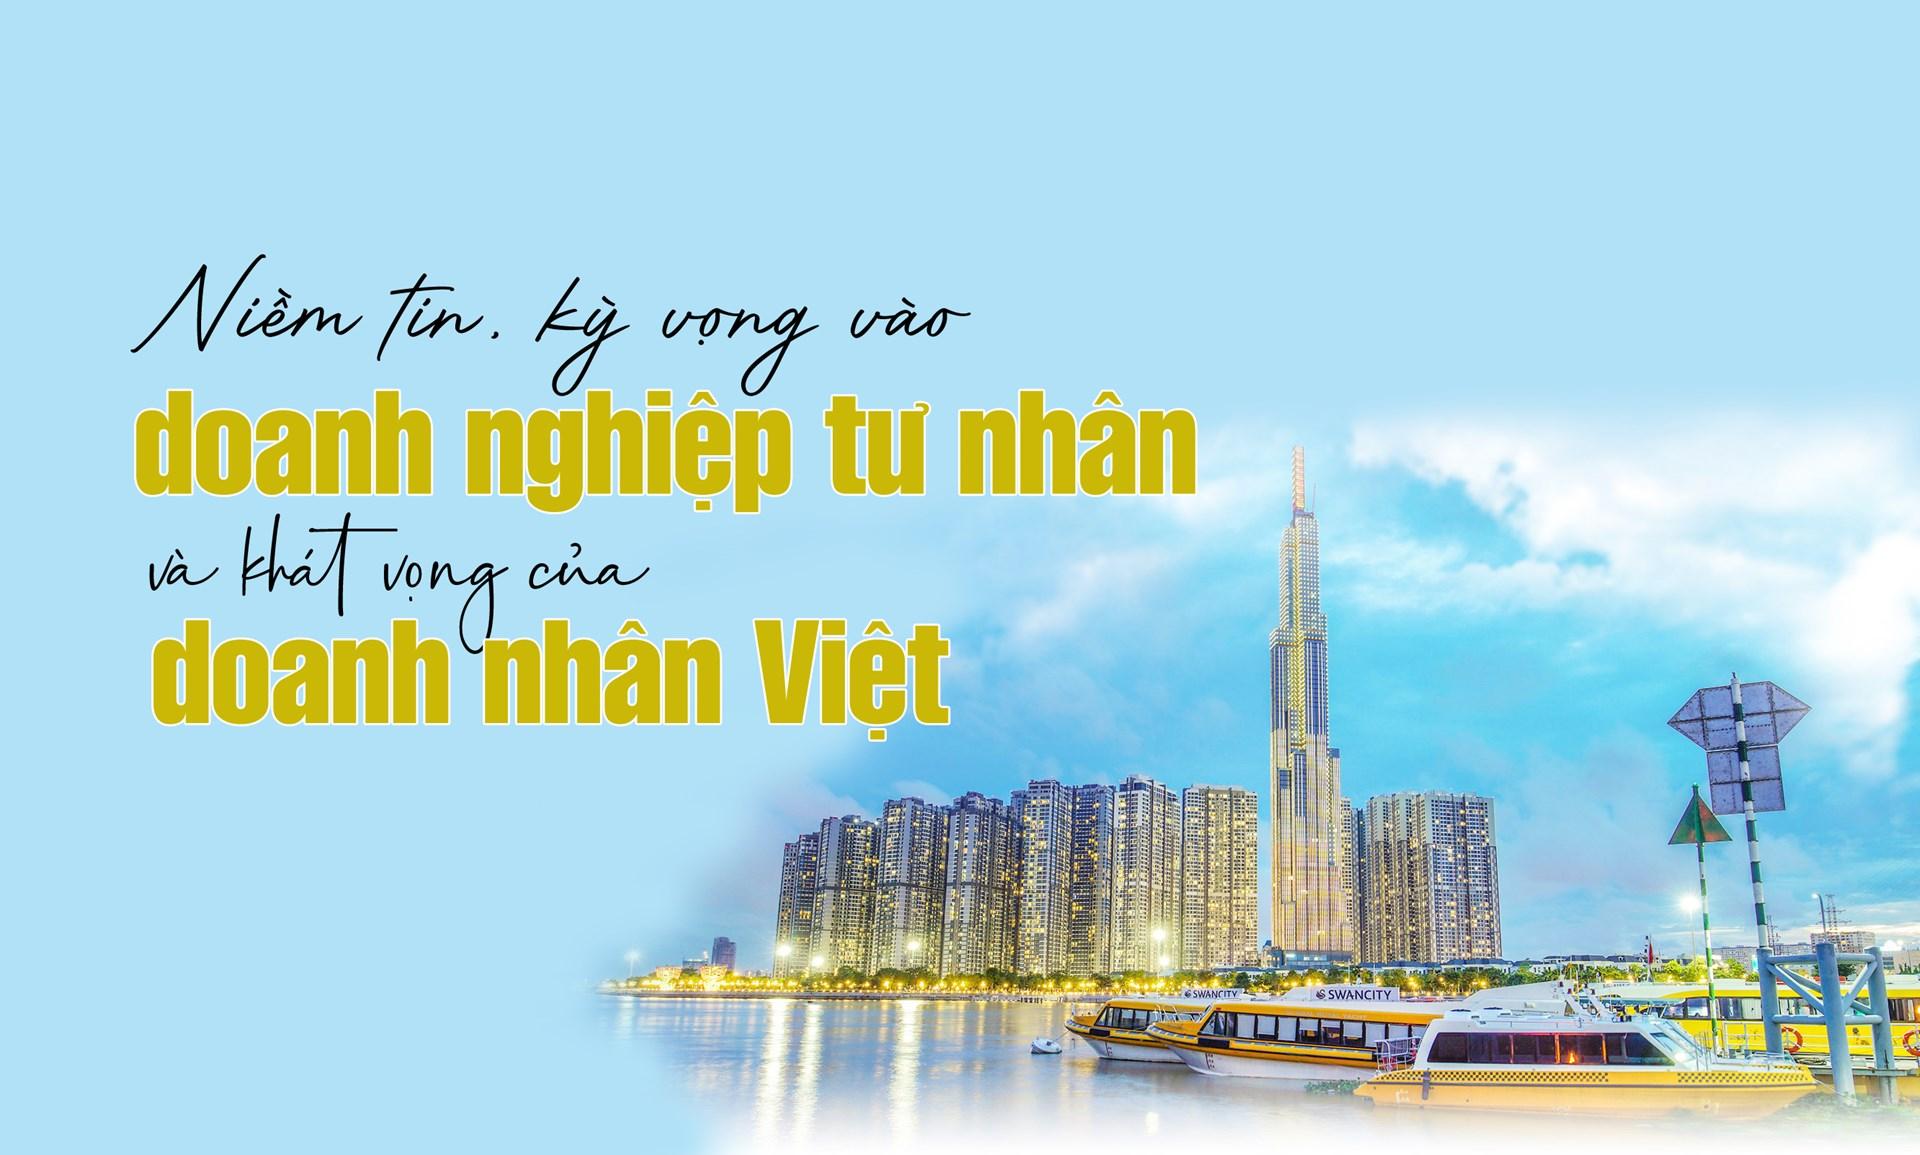 Niềm tin, kỳ vọng vào doanh nghiệp tư nhân và khát vọng doanh nhân Việt - Ảnh 1